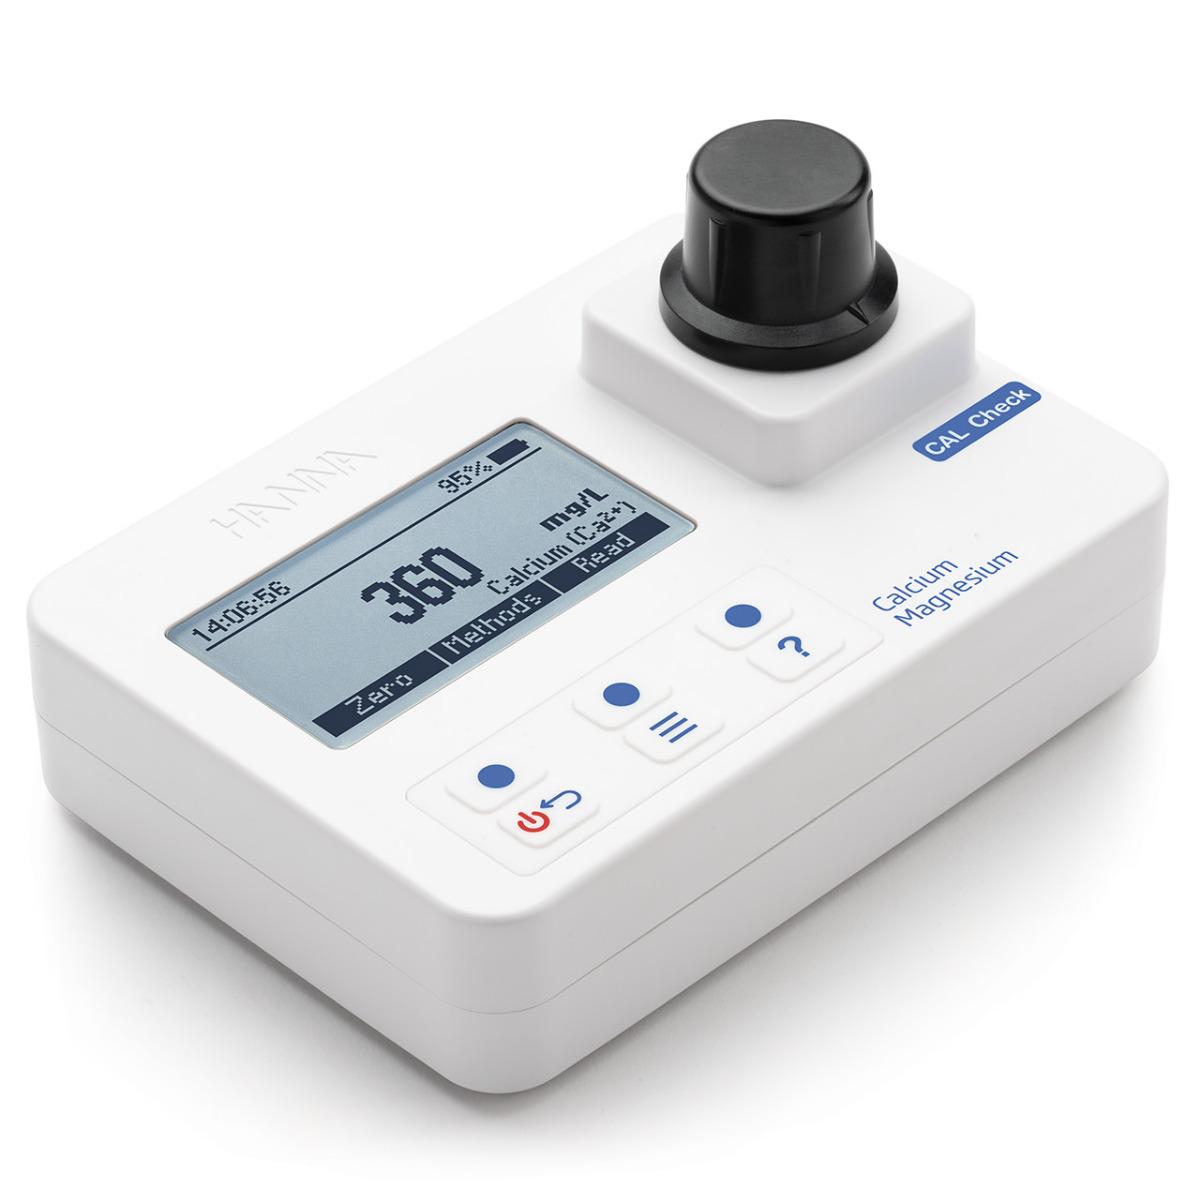 HI97752 Calcium and Magnesium Portable Photometer